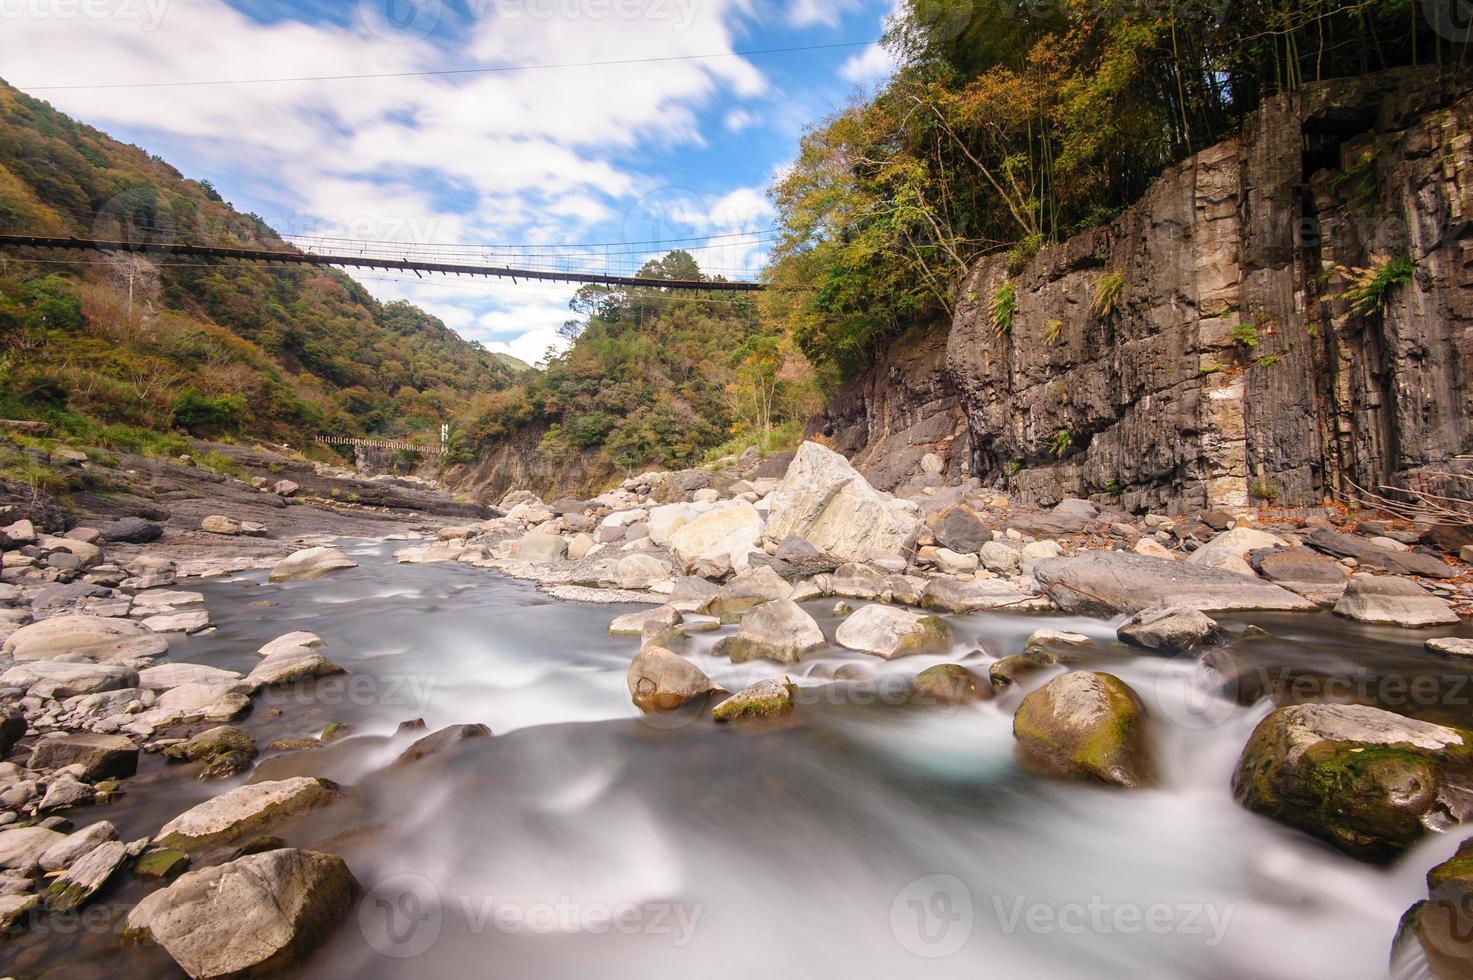 río corriendo foto